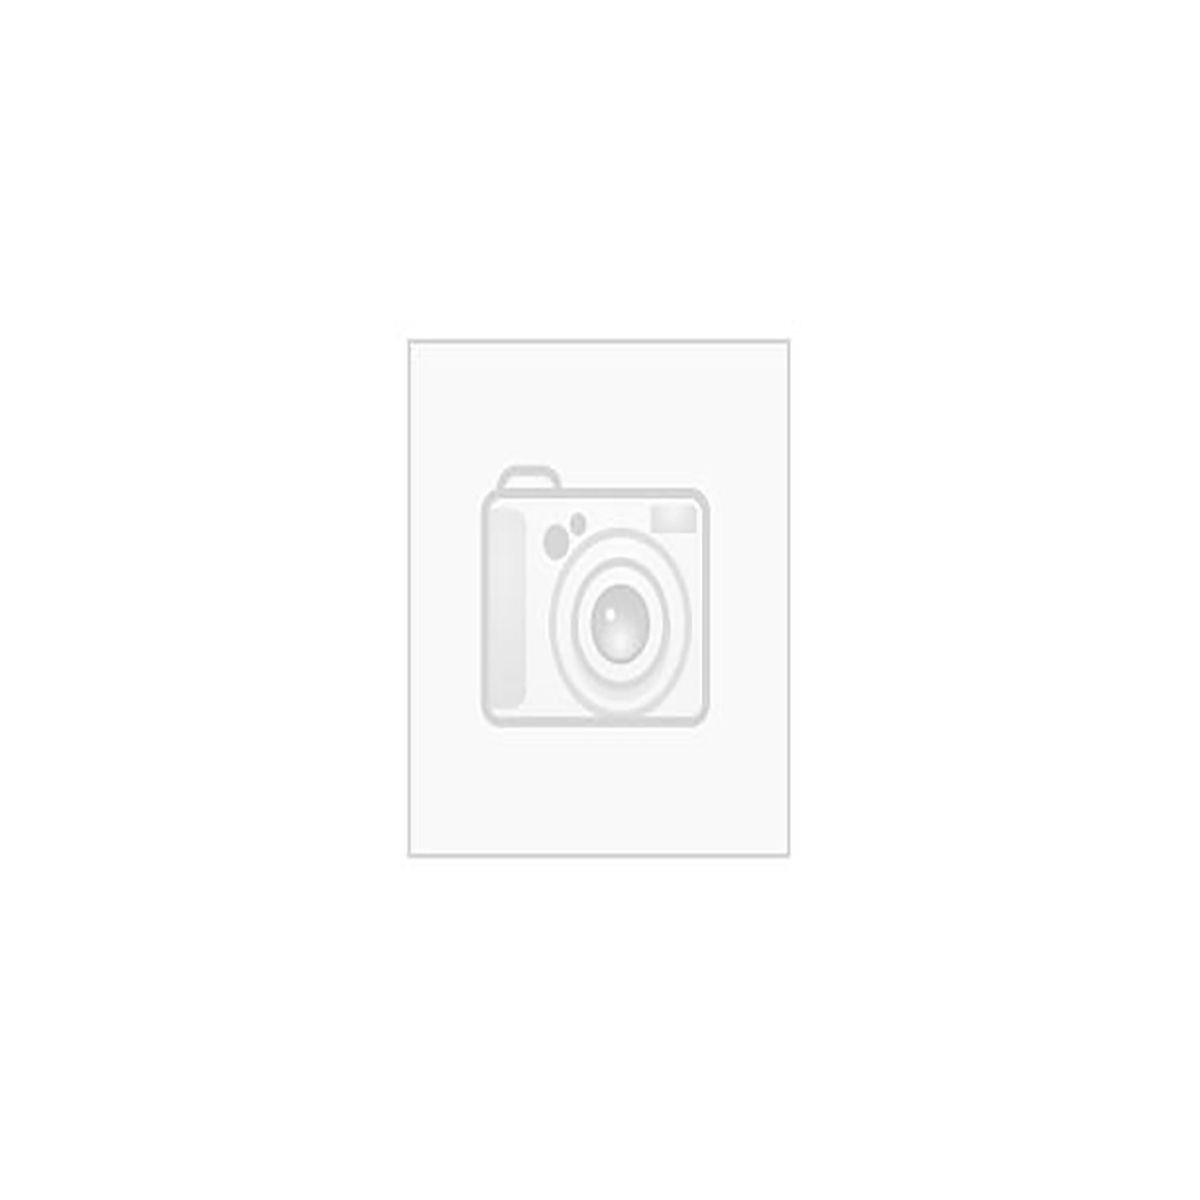 Geberit installasjonssett, overflatejevnt, for Sigma innbyggingssisterne 12 cm